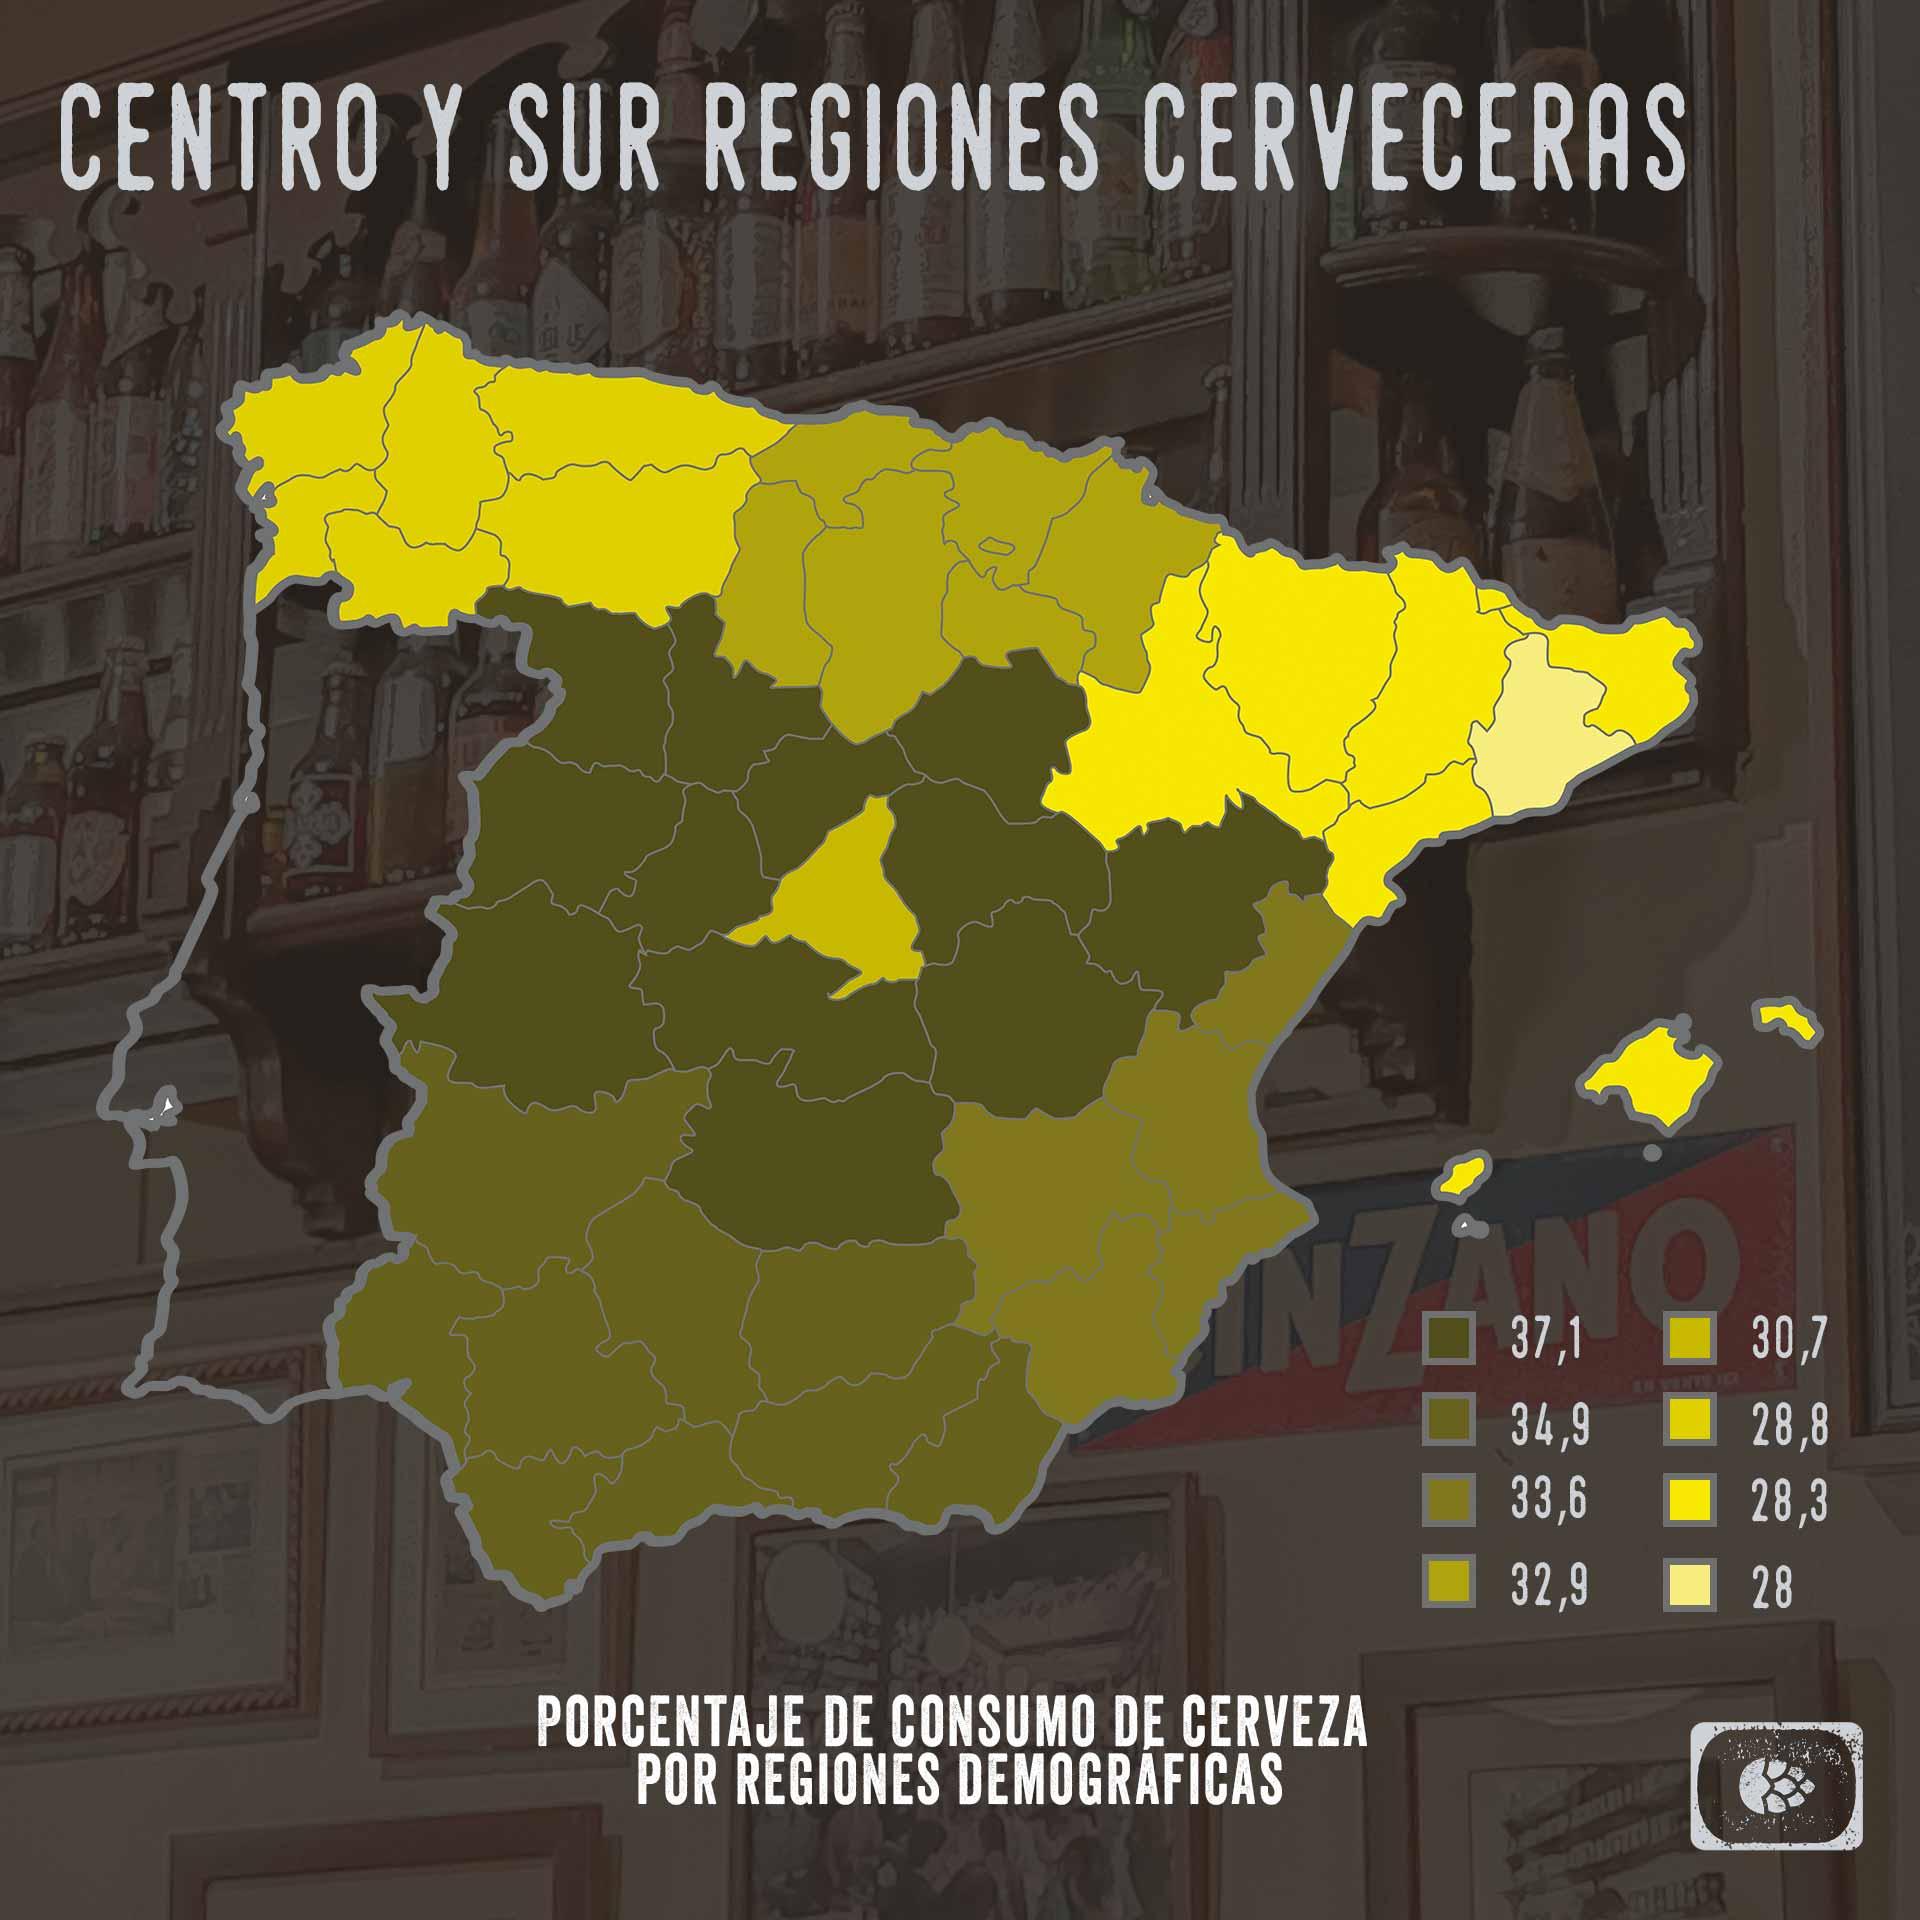 Porcentaje de consumo de cerveza en regiones de España